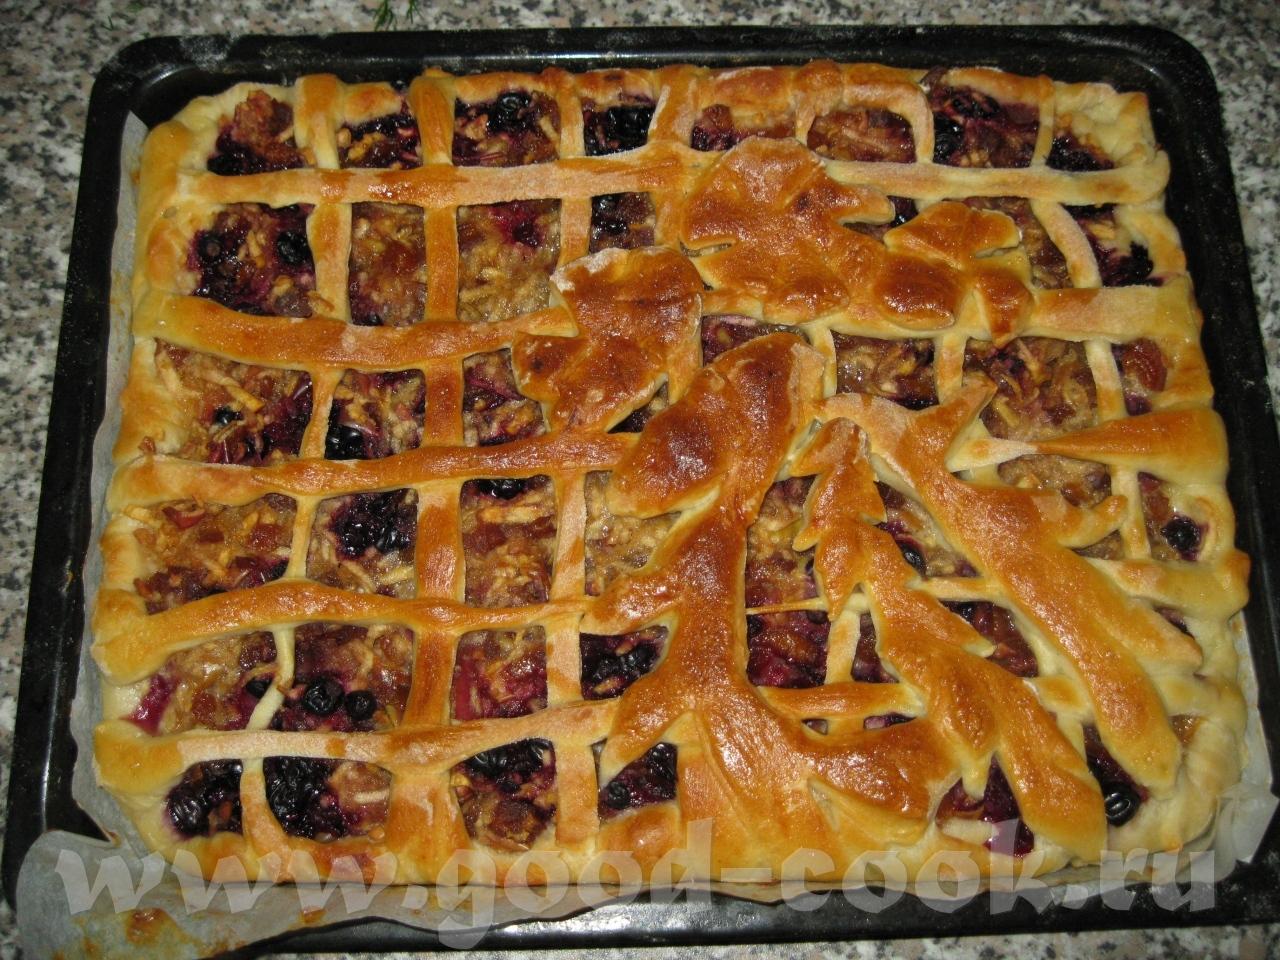 рецепт теста для пиццы из сметаны и муки